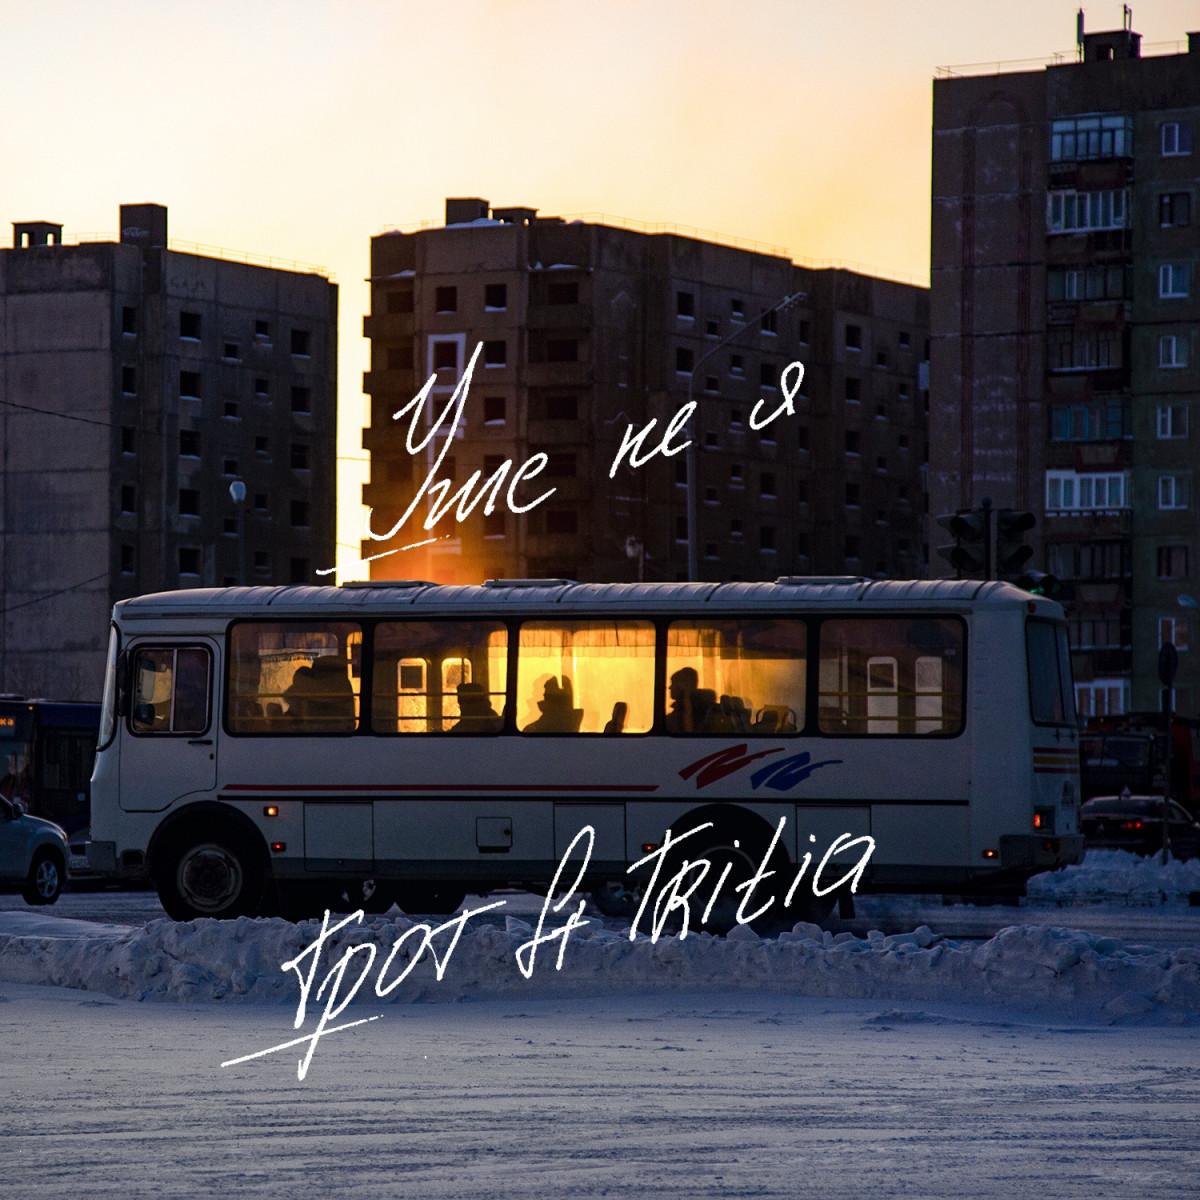 ГРОТ — «Уже не я» (feat. TRITIA)